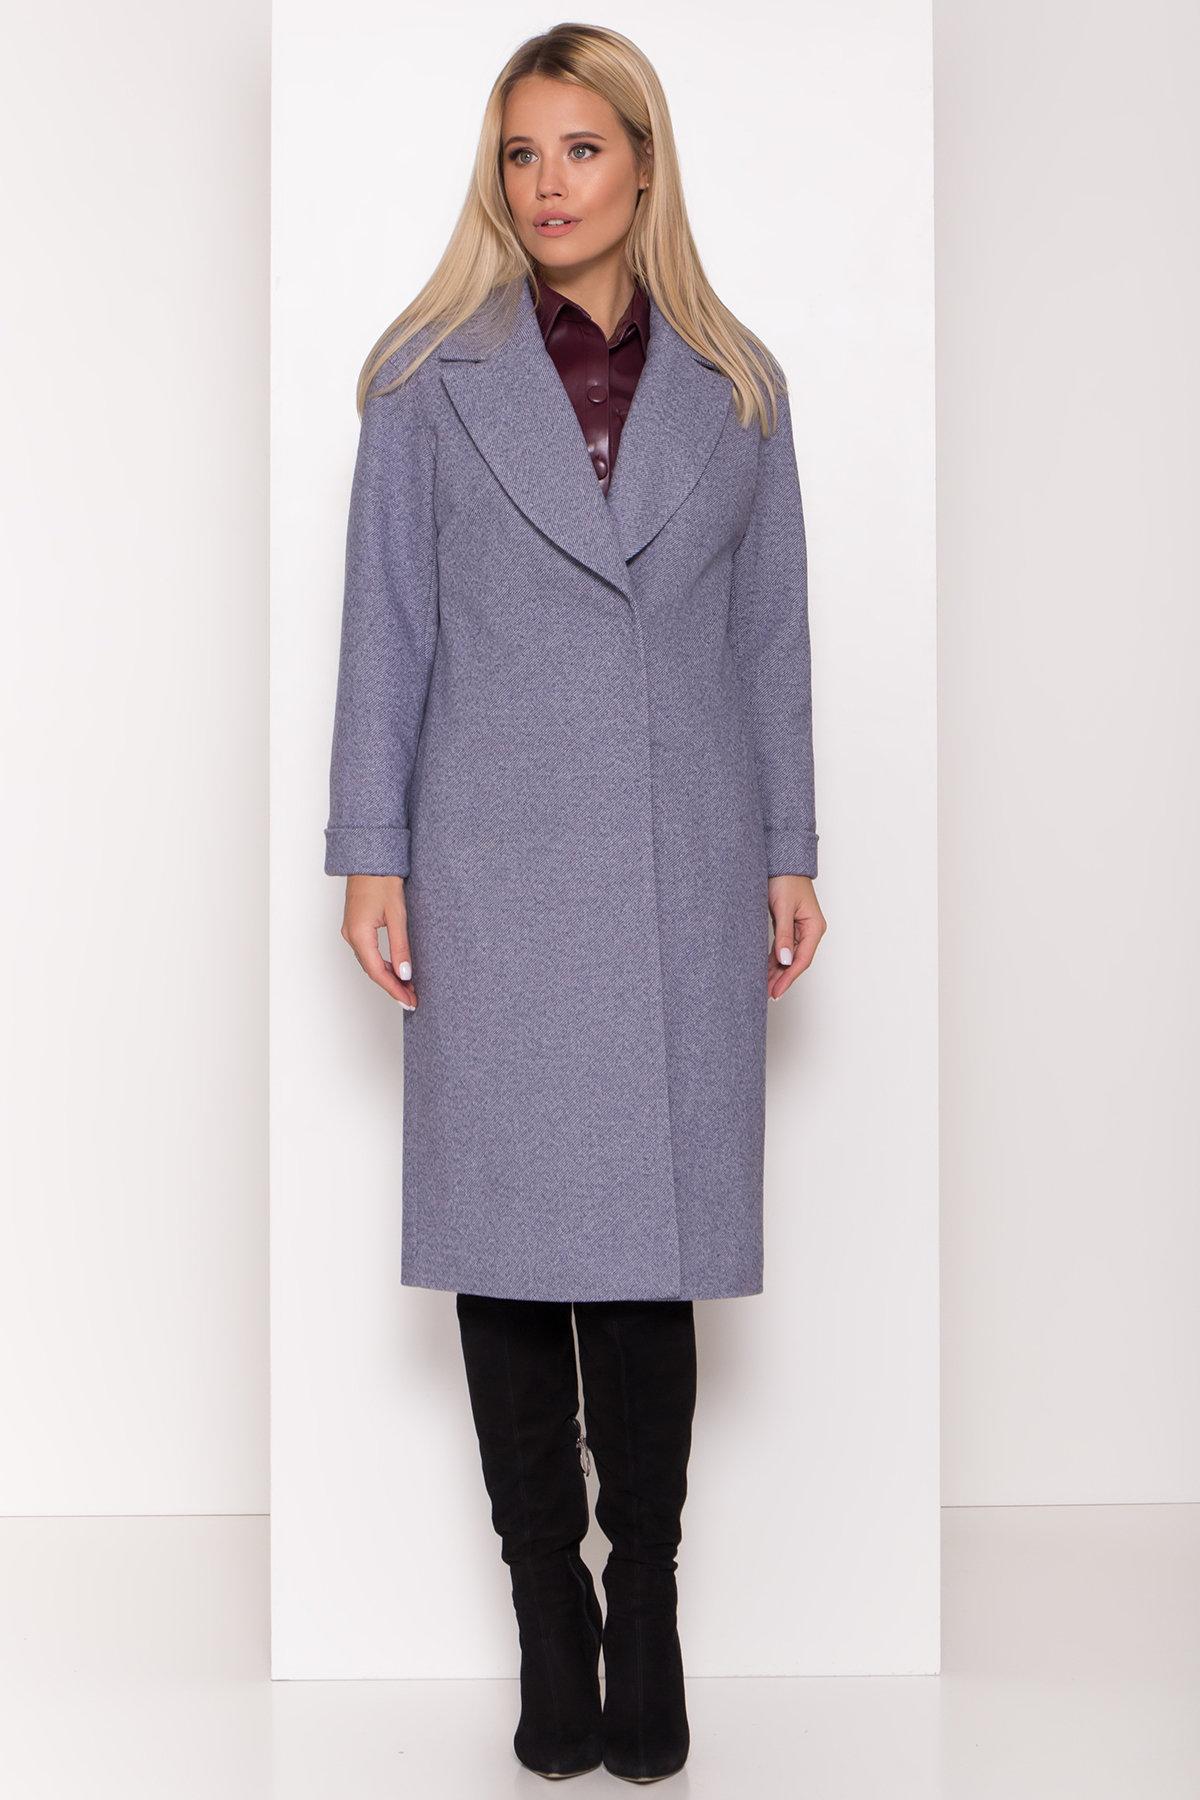 Демисезонное пальто Севен 8030 Цвет: Джинс 3